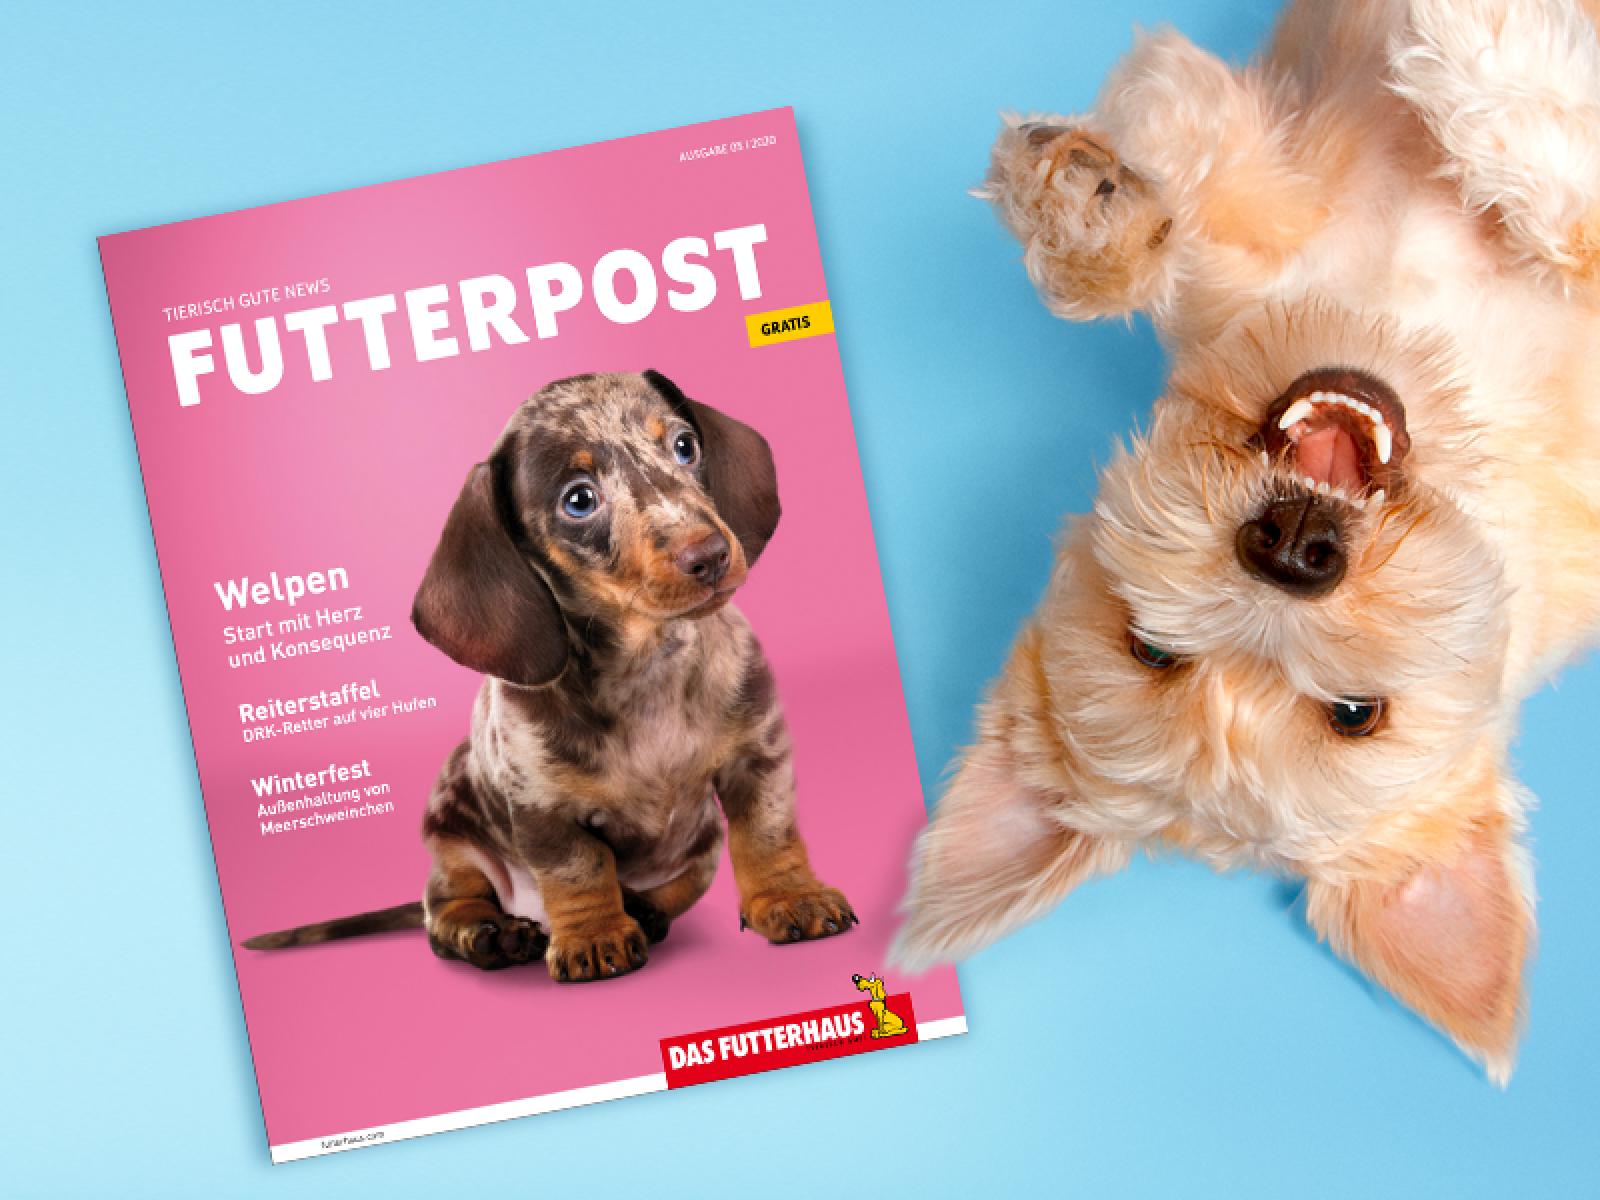 DAS FUTTERHAUS-FUTTERPOST